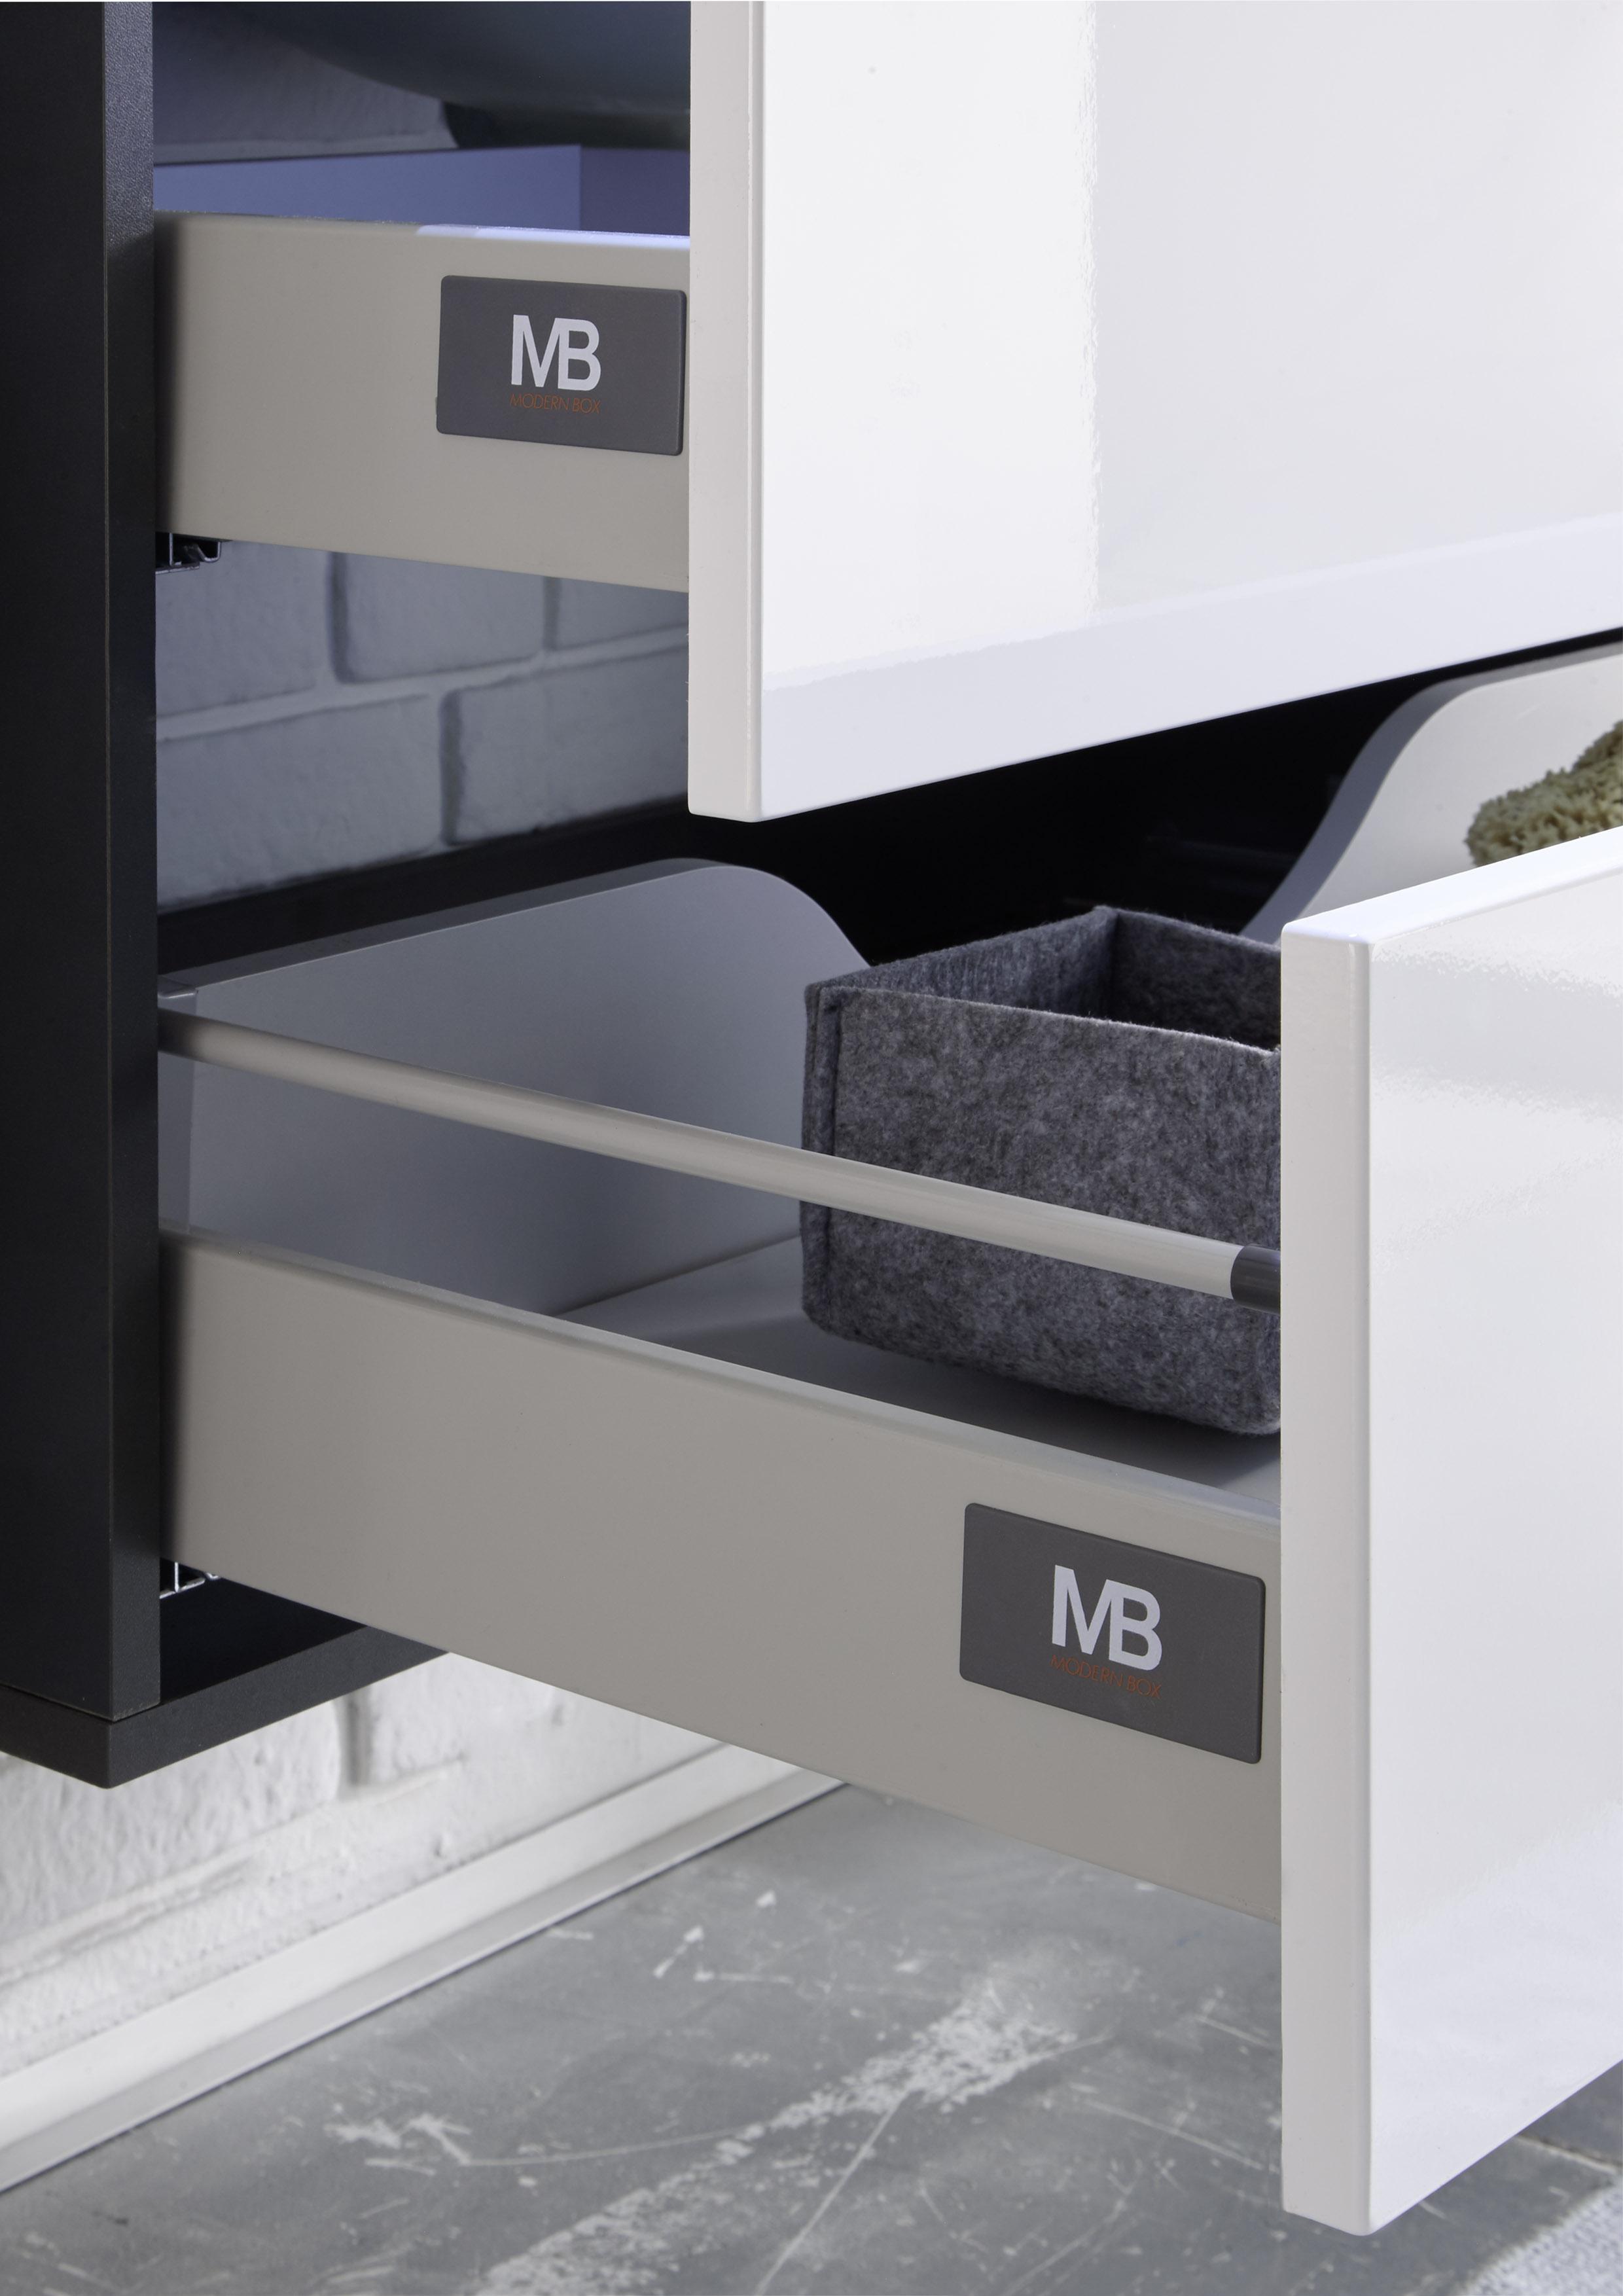 Einfach Waschbecken Manhattan Grau Sammlung Von Wohndesign Dekor